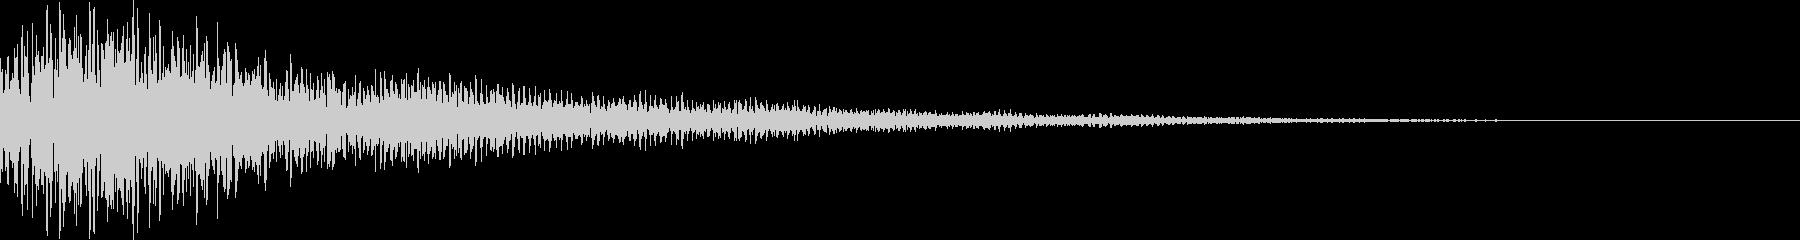 ポローン(決定 ワープ 移動)の未再生の波形